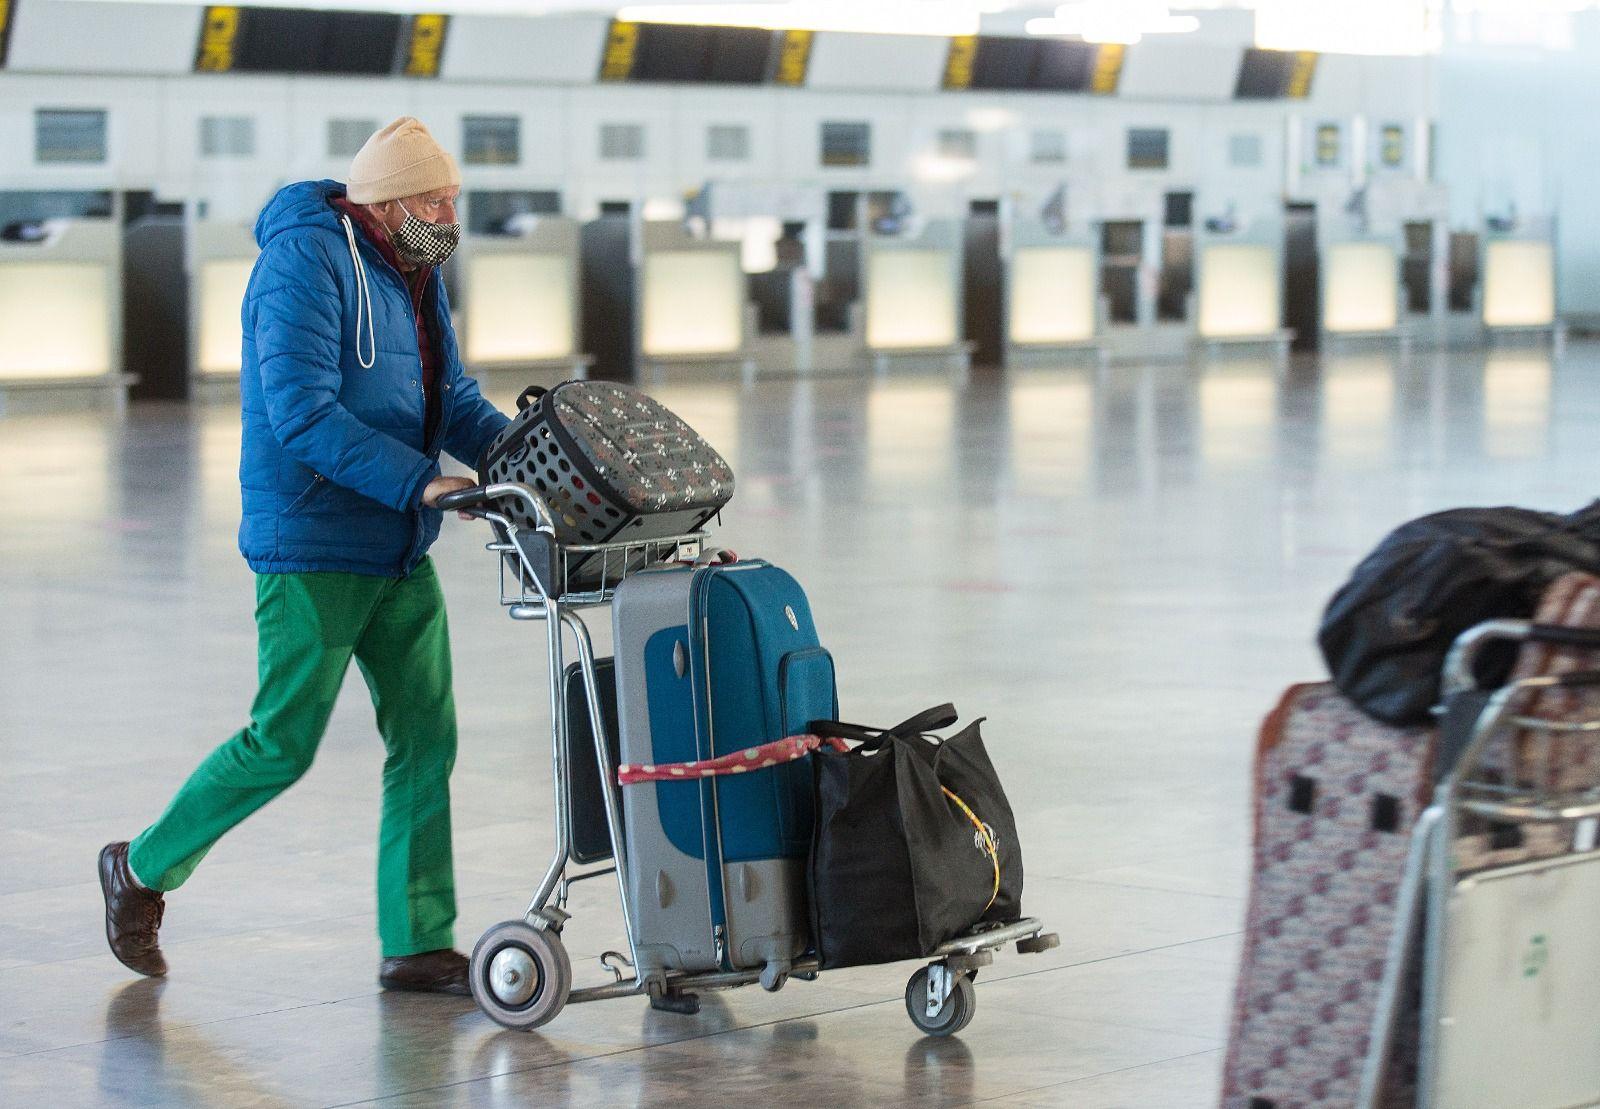 La tercera ola del covid devuelve al aeropuerto de Alicante a los tiempos del confinamiento de marzo